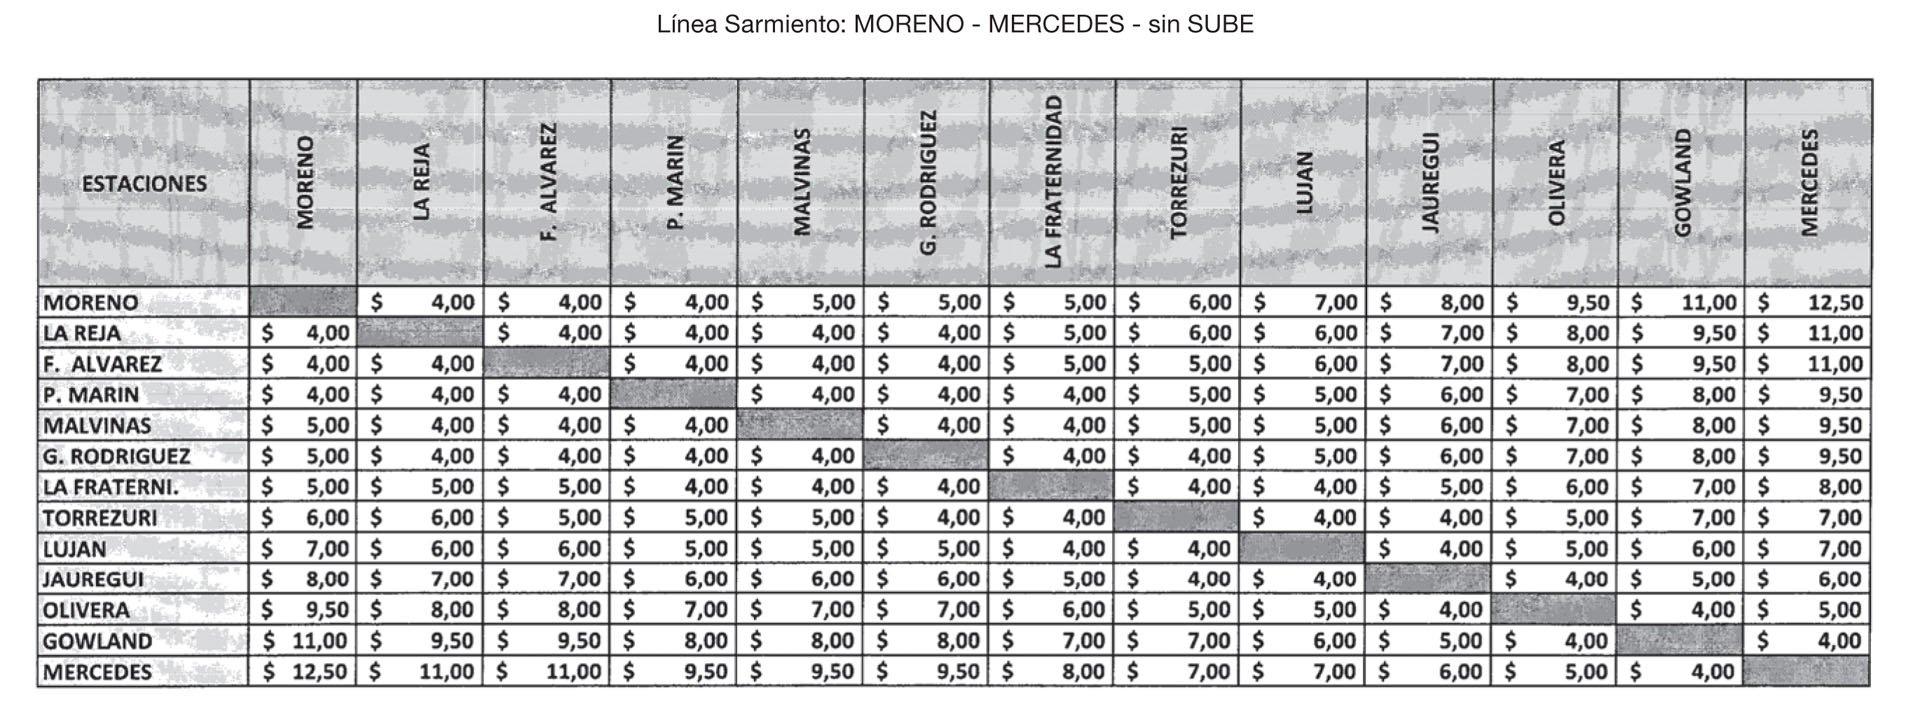 Nuevas tarifas para el ferrocarril Sarmiento (Moreno-Mercedes) sin SUBE